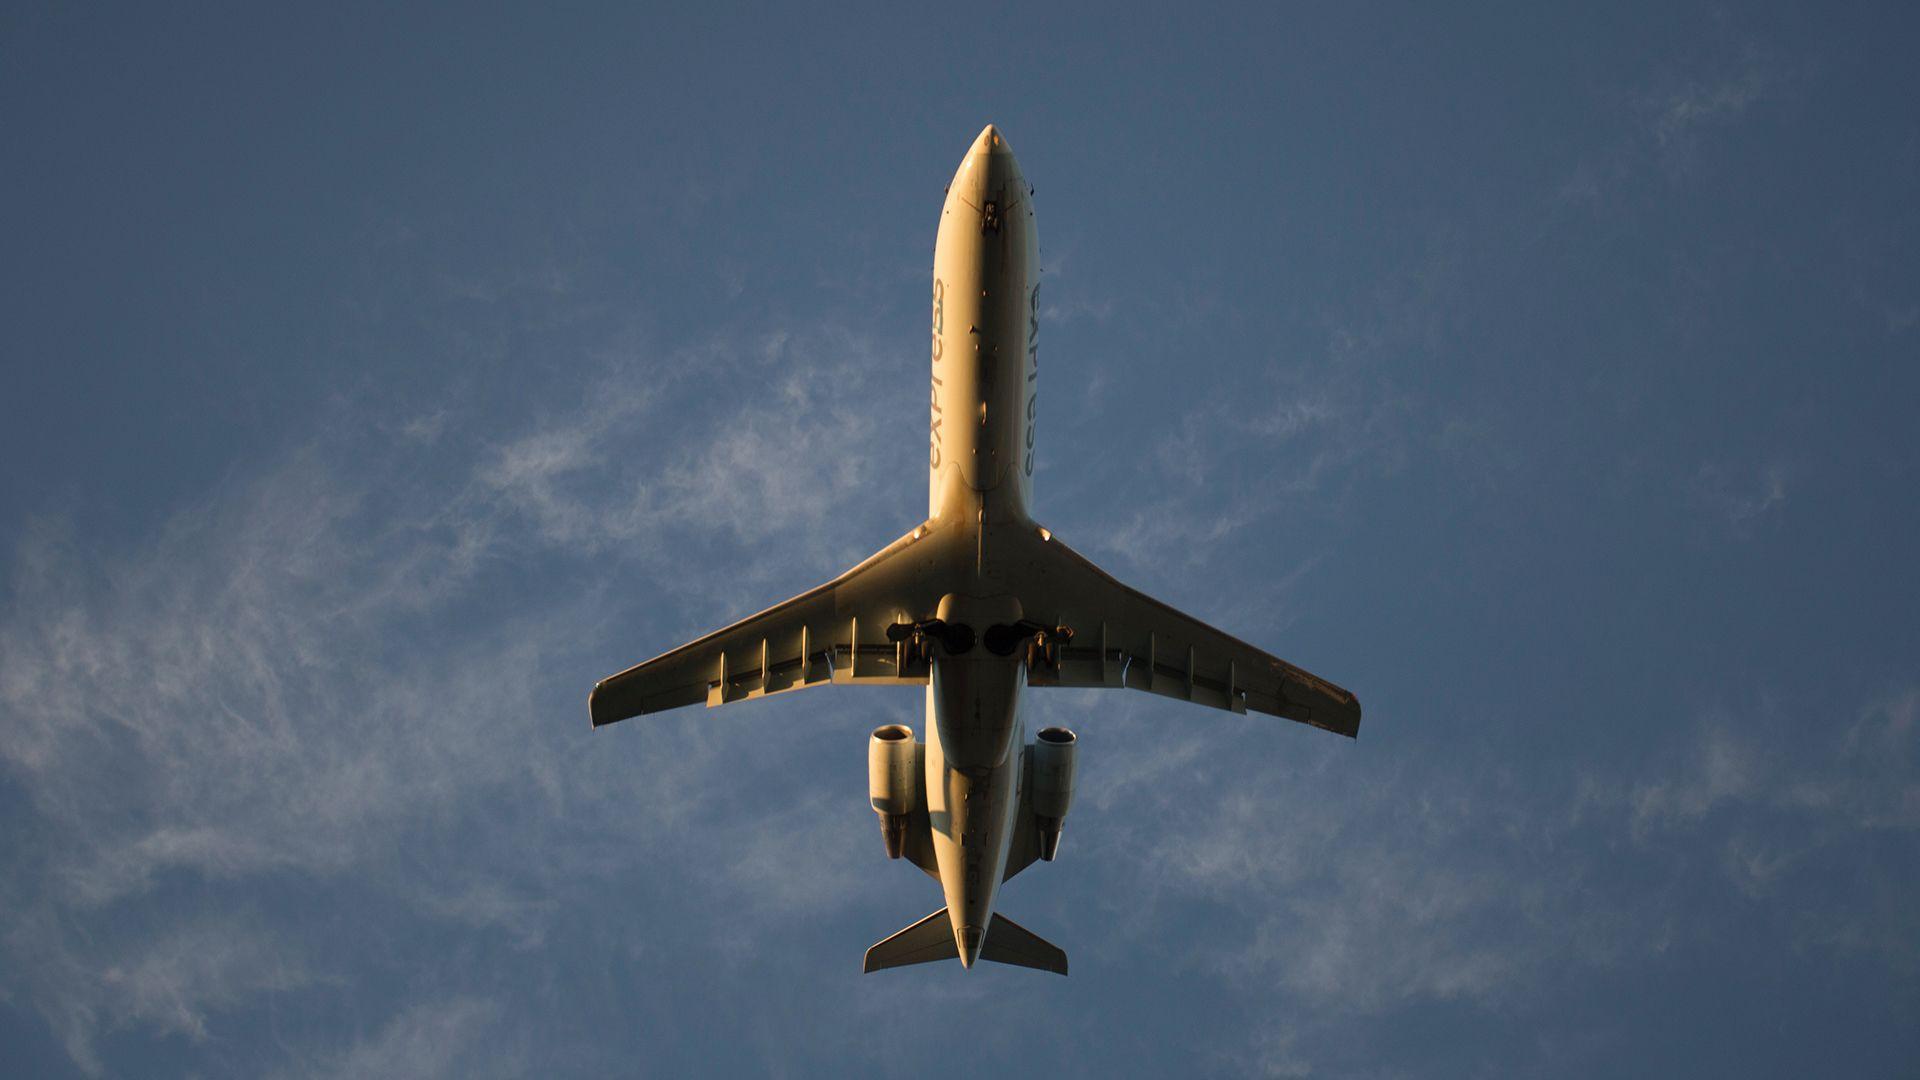 repülő, repülőgép, boeing, utasszállító